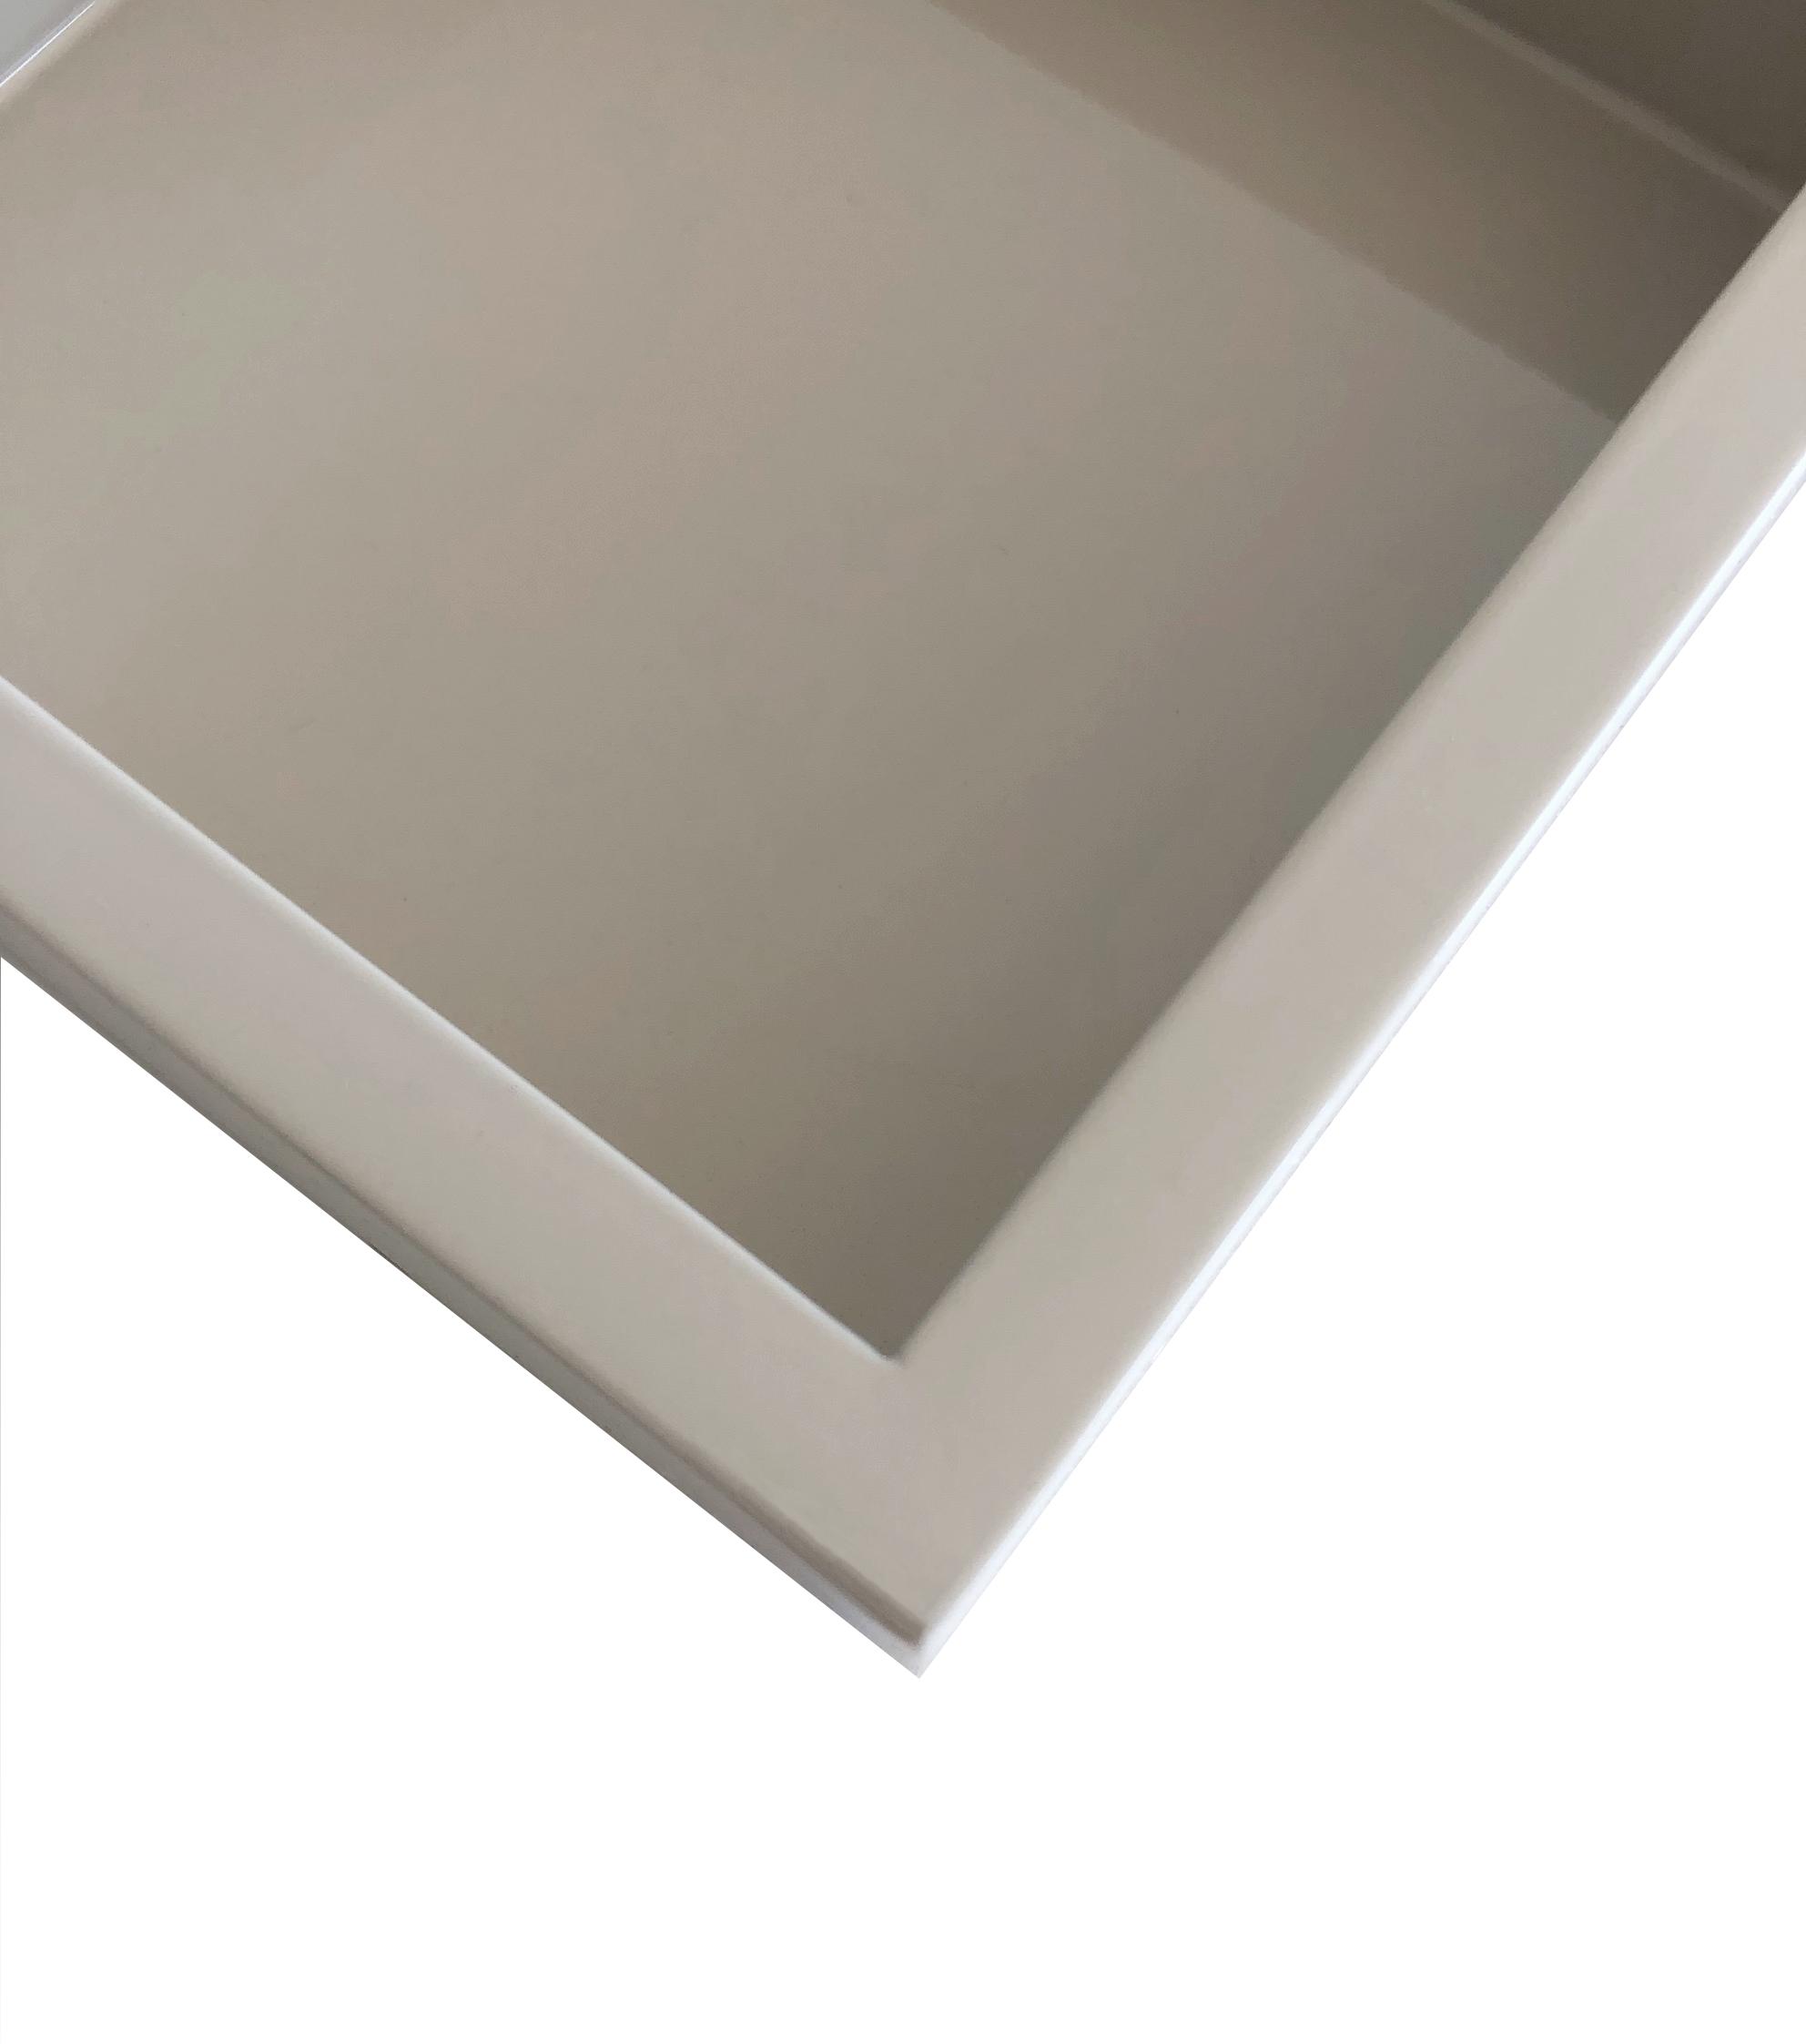 Tablett Lacktablett sandstone taupe Hochglanz lackiert länglich 40 cm